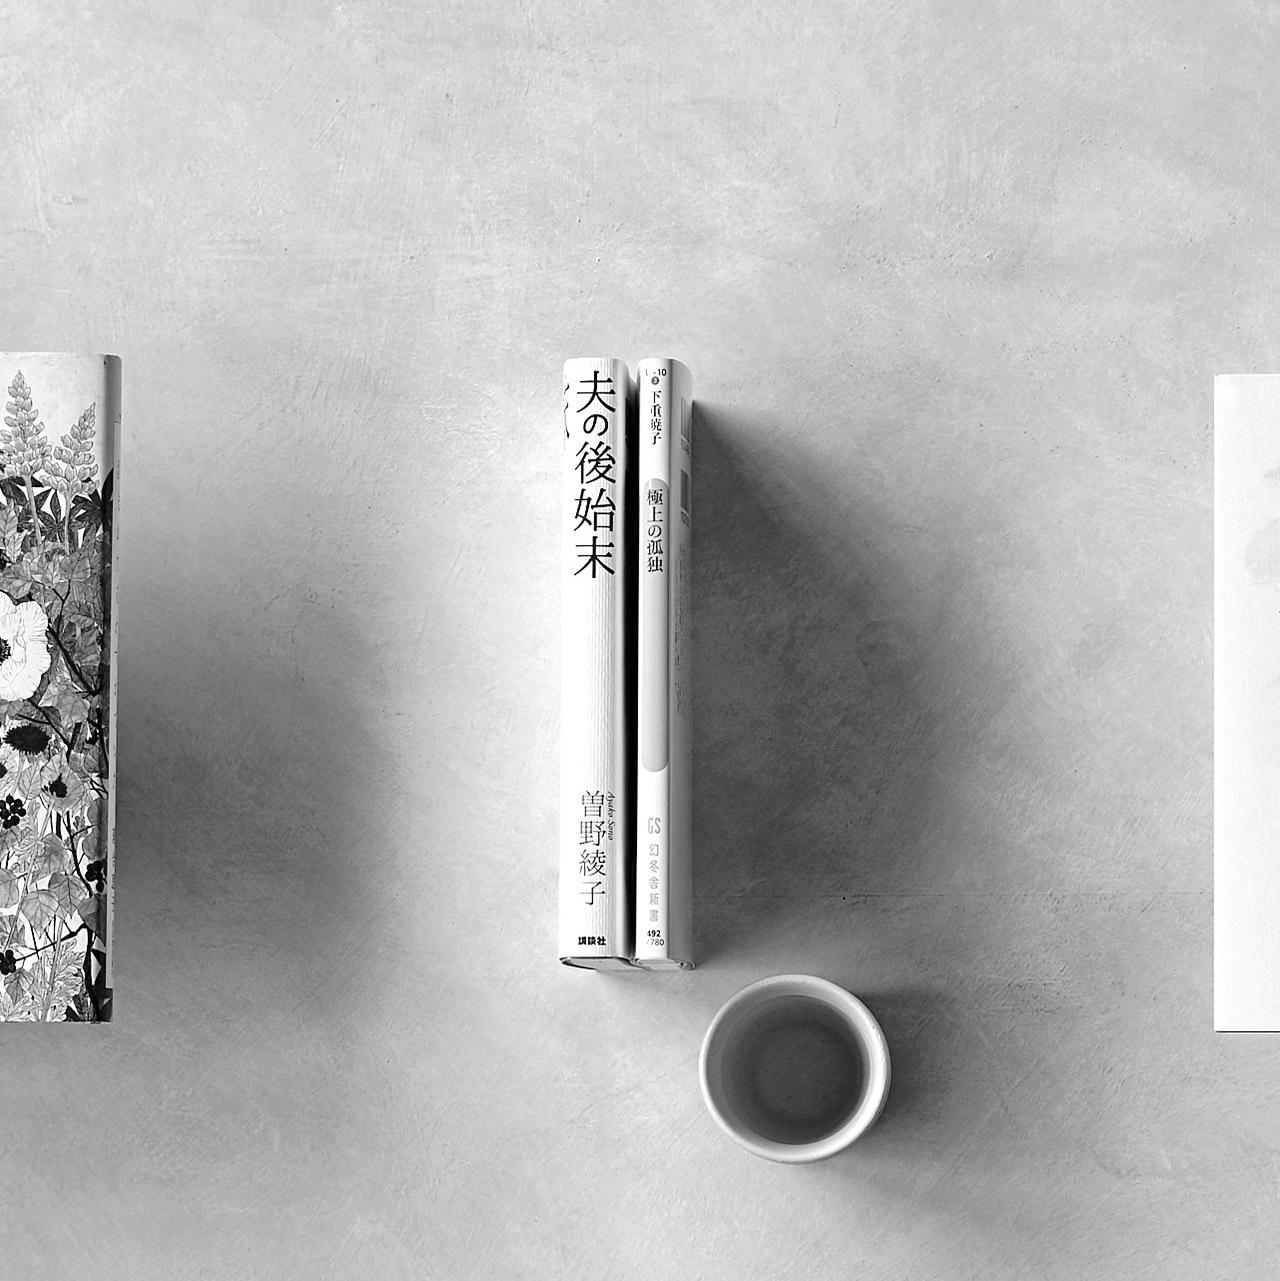 ベストセラー&話題の本から今の時代をズバッと読み解く! 五選_1_1-2